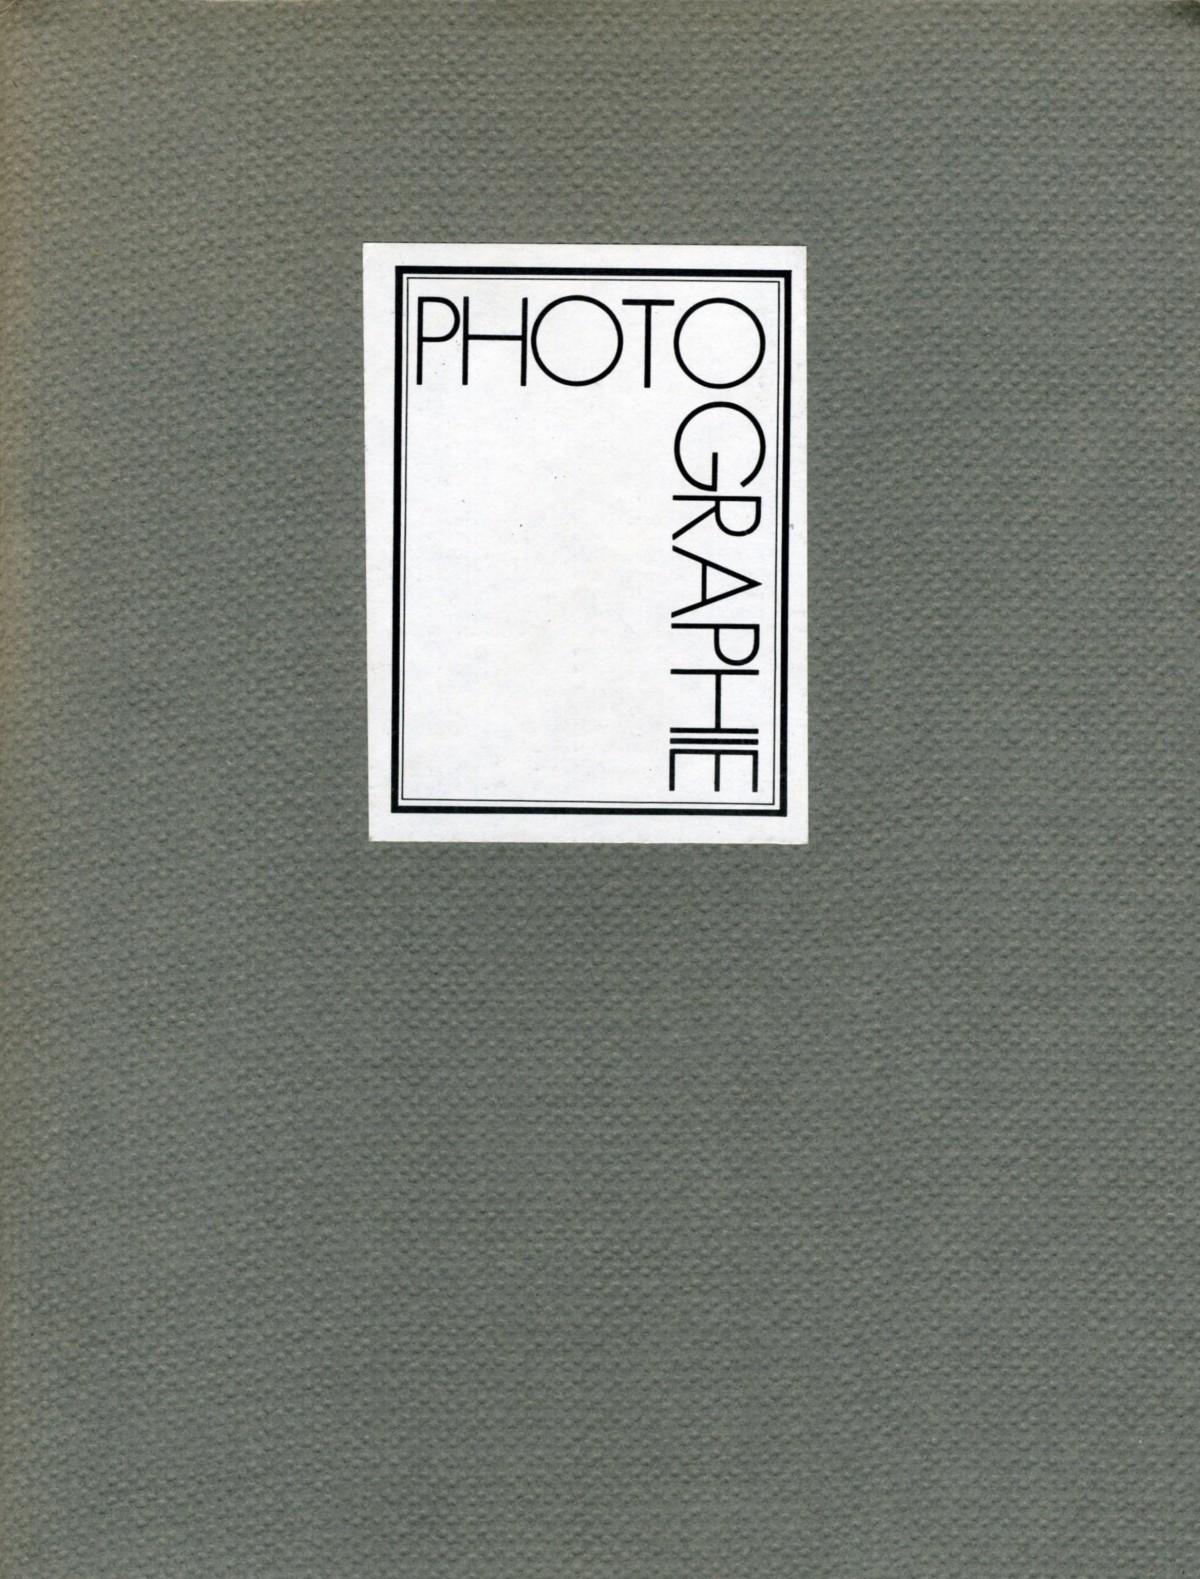 photographie_françoise-paviot